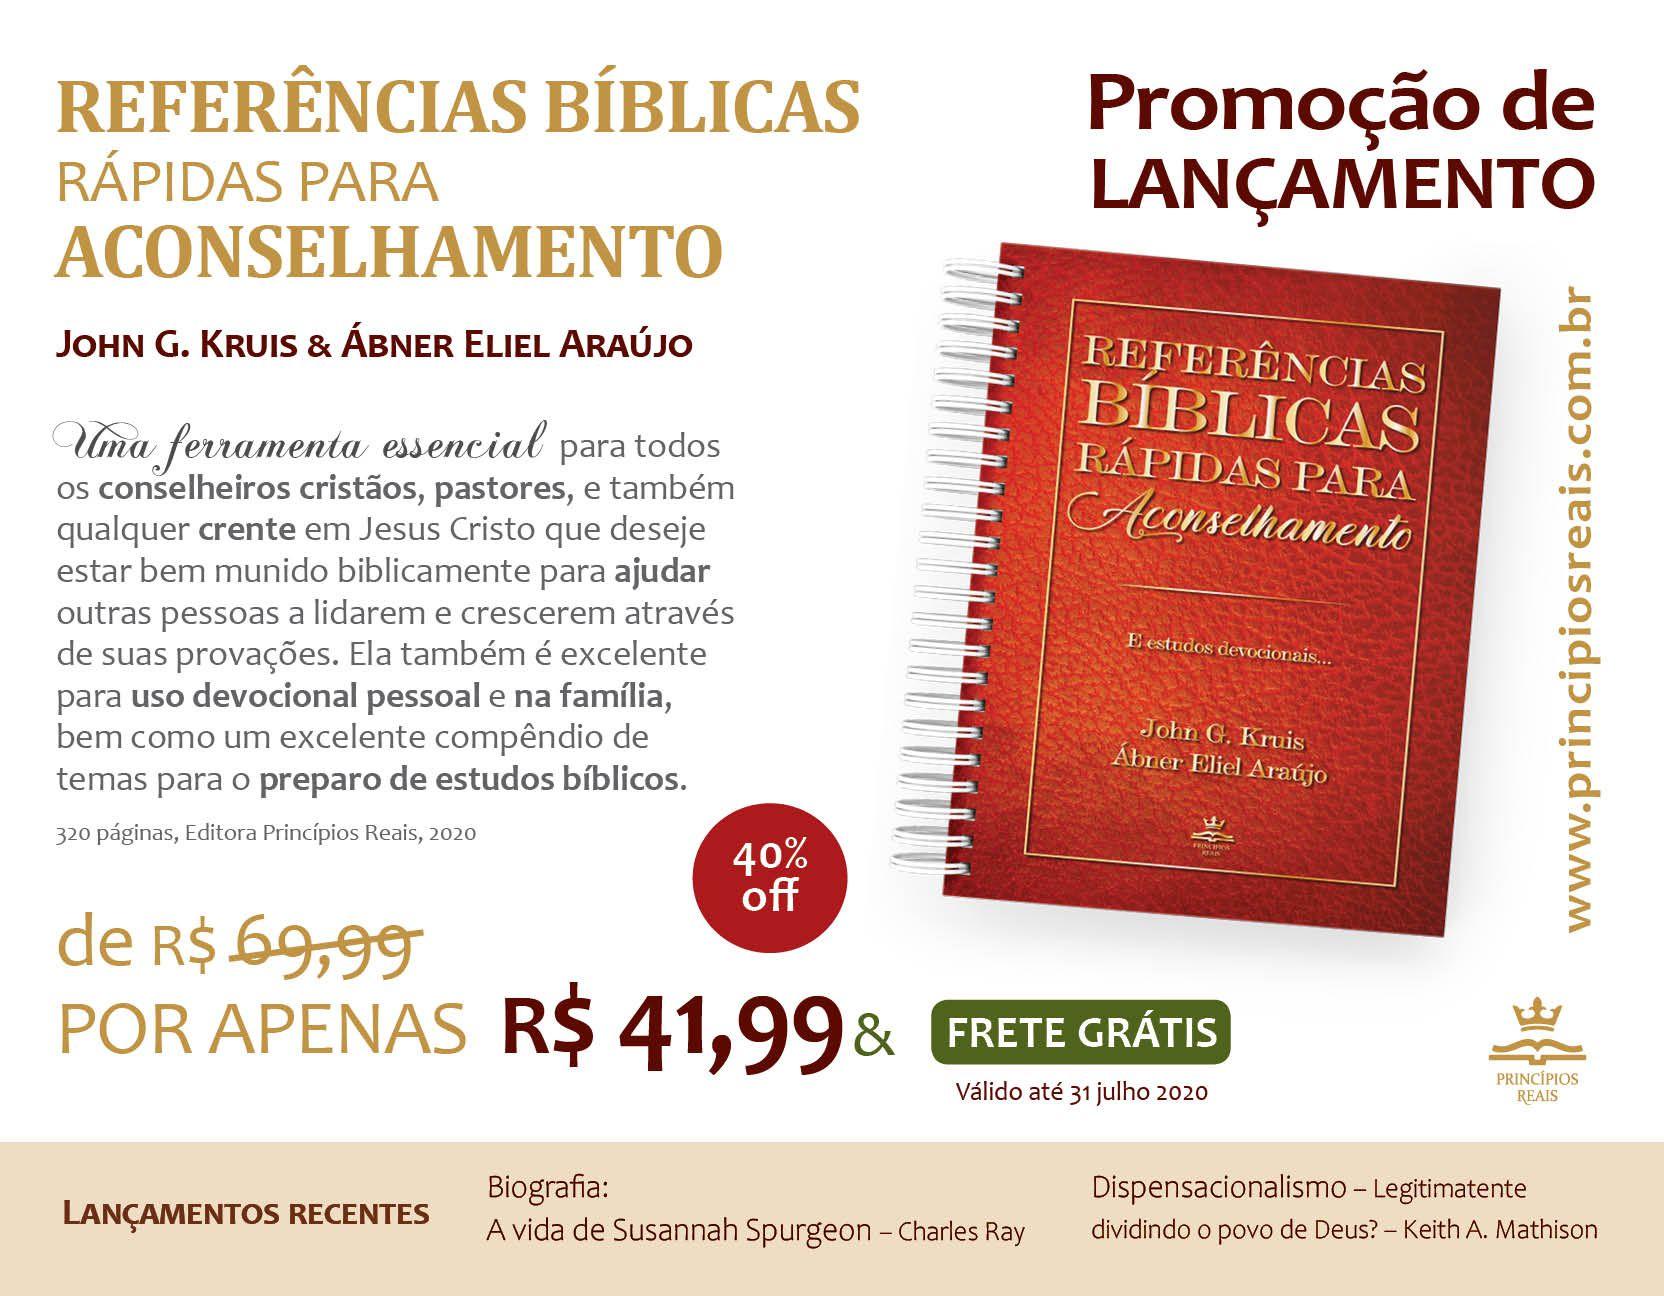 PROMOÇÃO de LANÇAMENTO - Referências bíblicas rápidas para aconselhamento